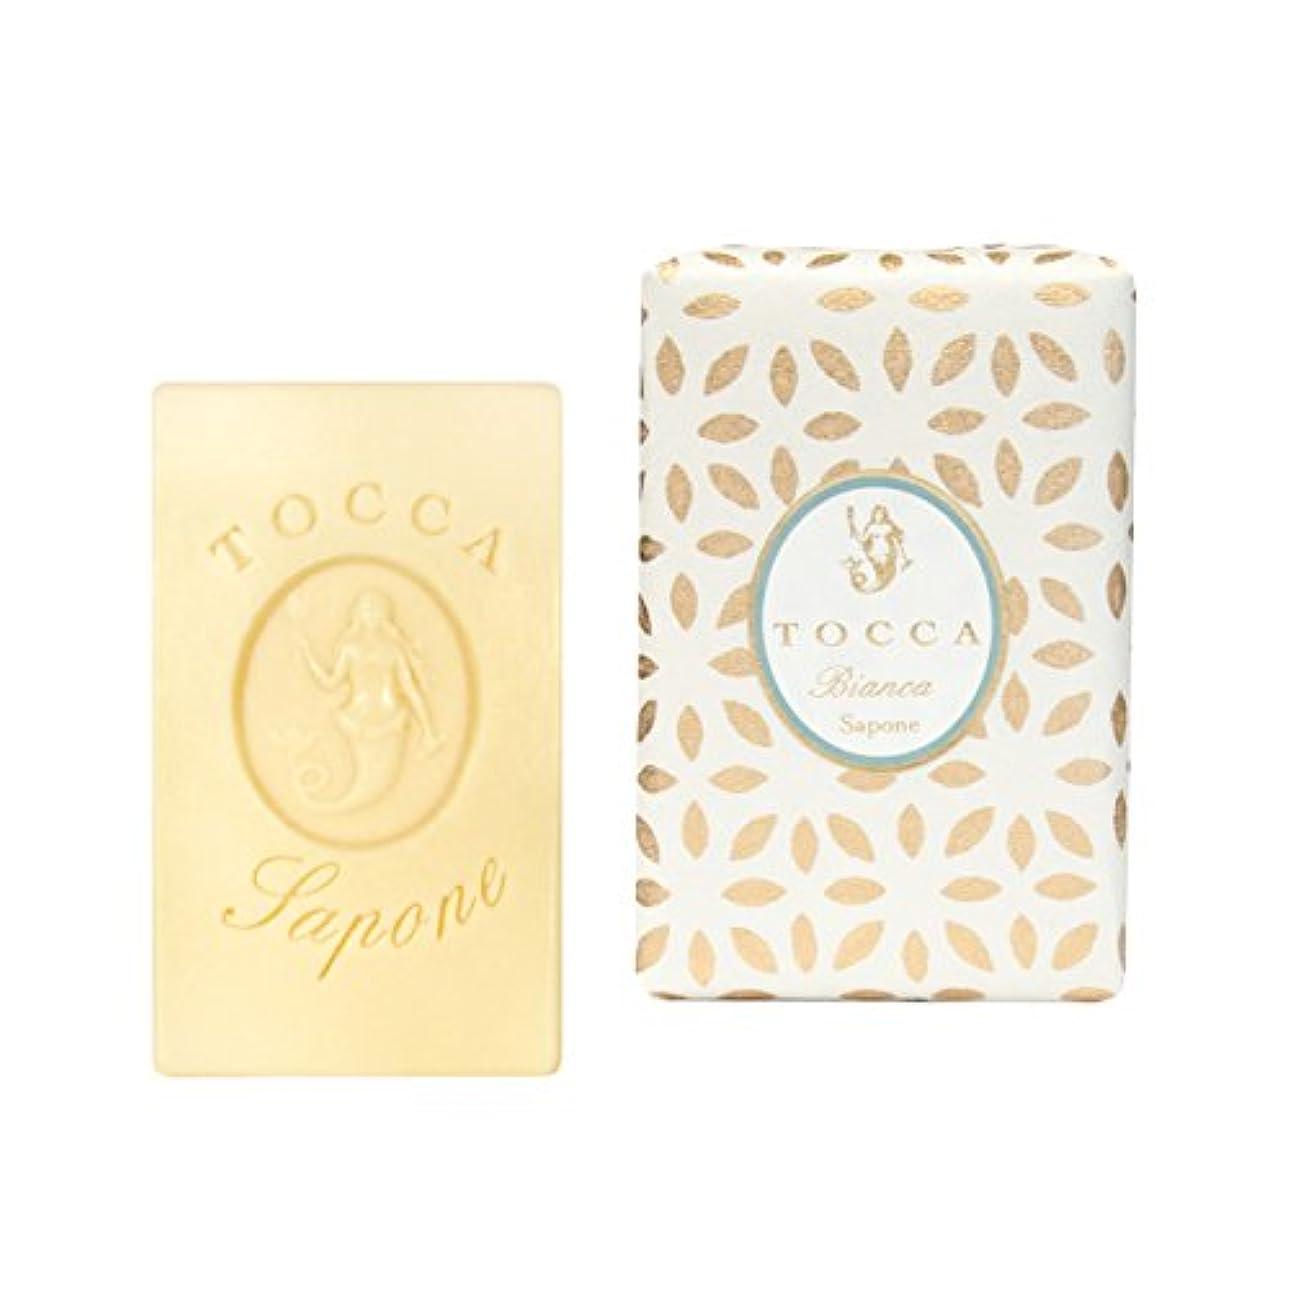 テロリスト宣言する真空トッカ(TOCCA) ソープバー ビアンカの香り 113g(化粧石けん シトラスとグリーンティー、ローズが絶妙に溶け合ったほのかに甘さ漂うフレッシュな香り)